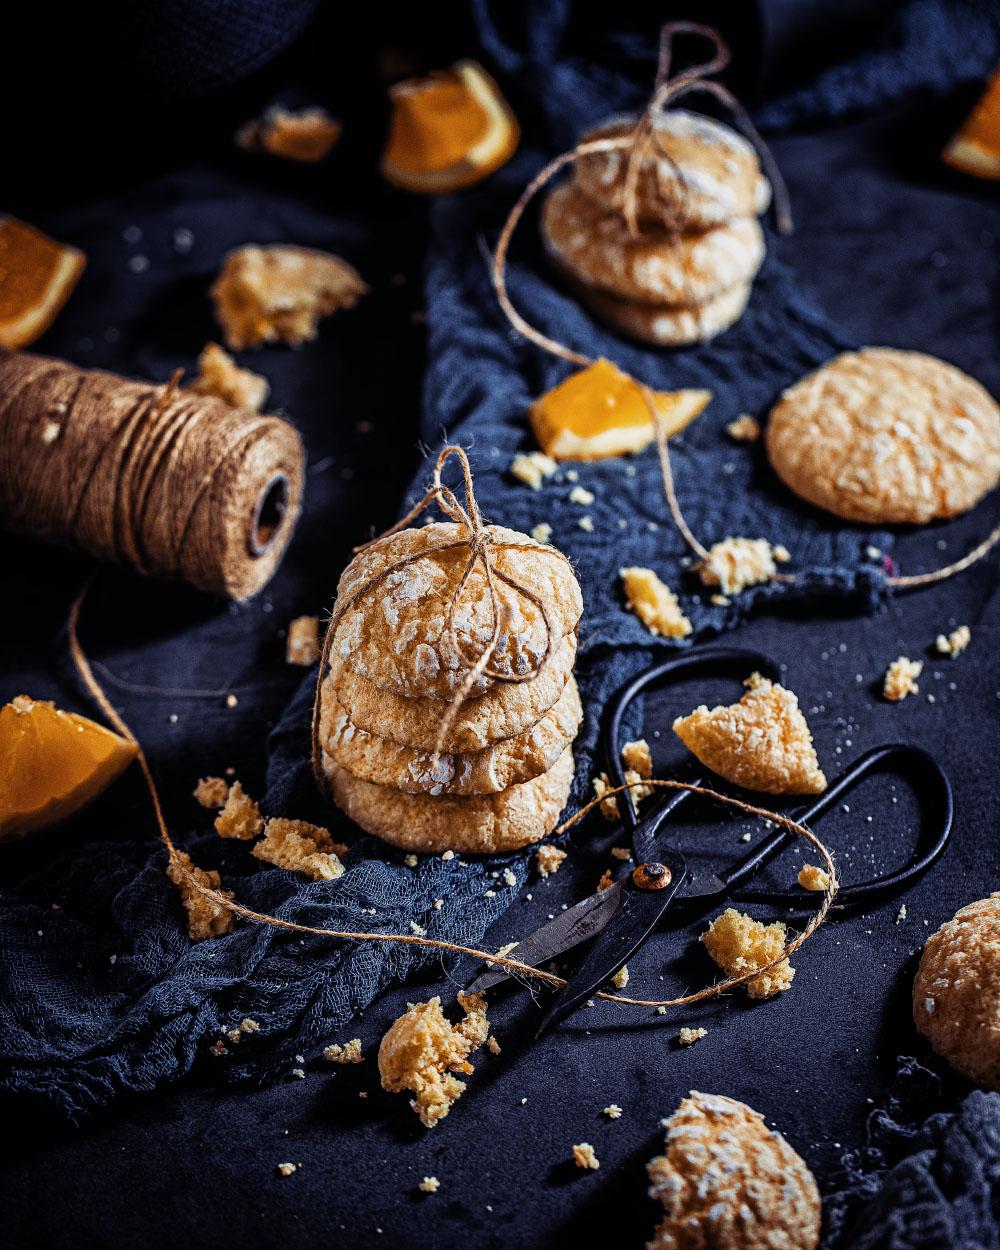 Orangen-Mandel-Kekse einfaches Rezept für Soft-Gebäck mit Orangenlikör